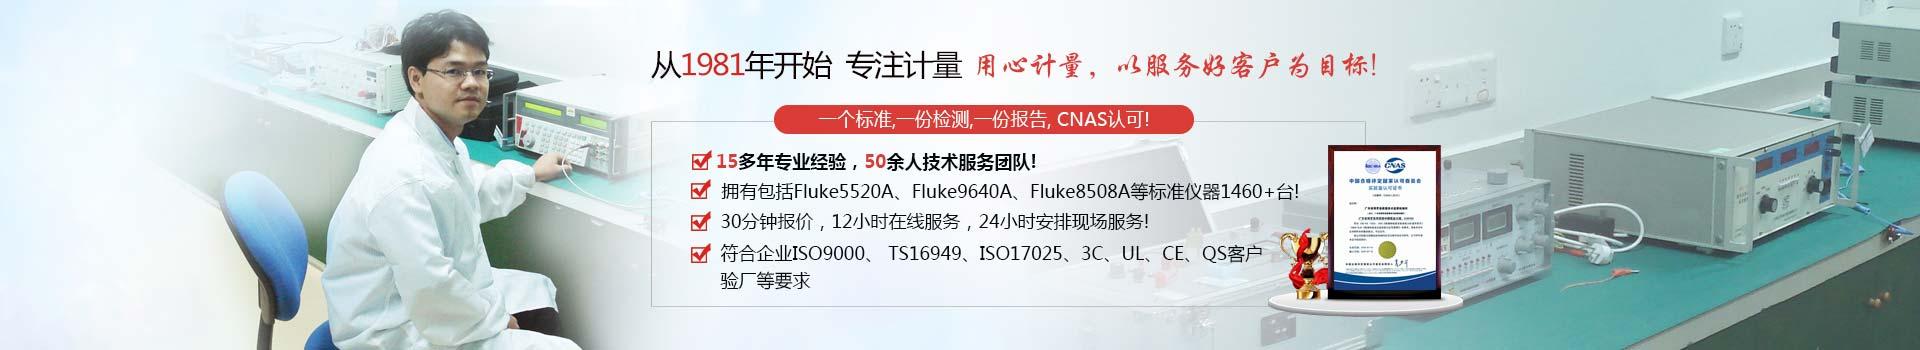 计量仪器检测选广东省博罗县质量技术监督检测所!